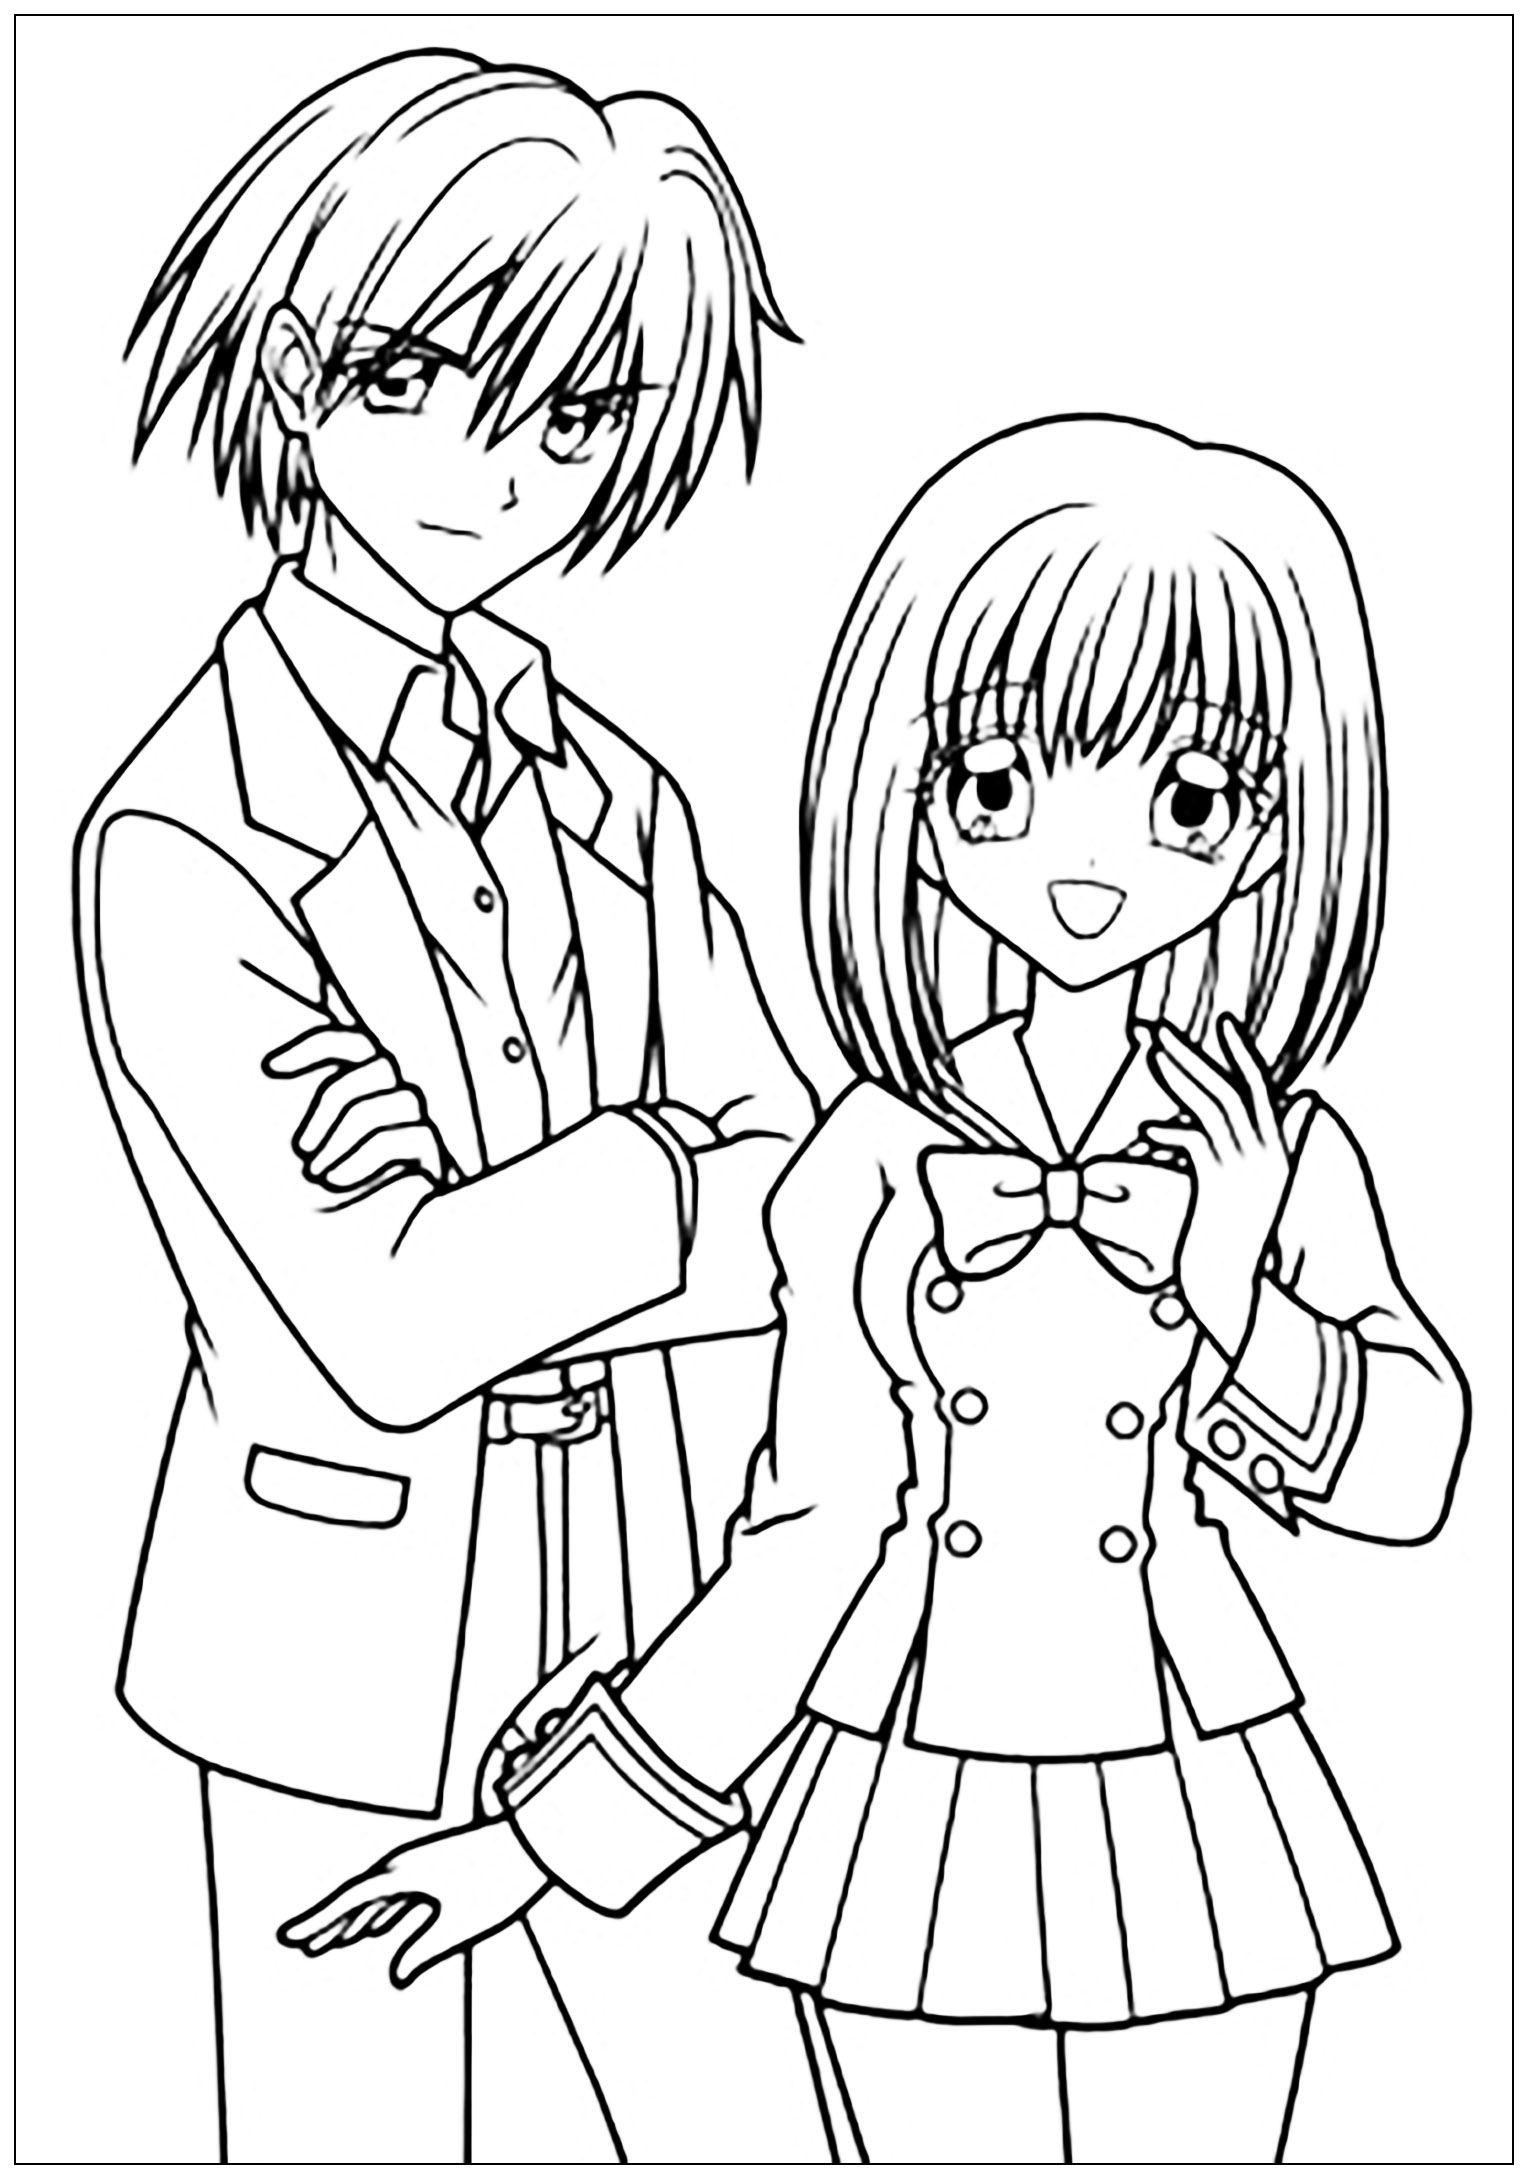 Jeunes Ecoliers Un Dessins Au Style Manga A Imprimer Et Colorier A Partir De La Galerie Manga Coloriage Manga Coloriage Image Coloriage